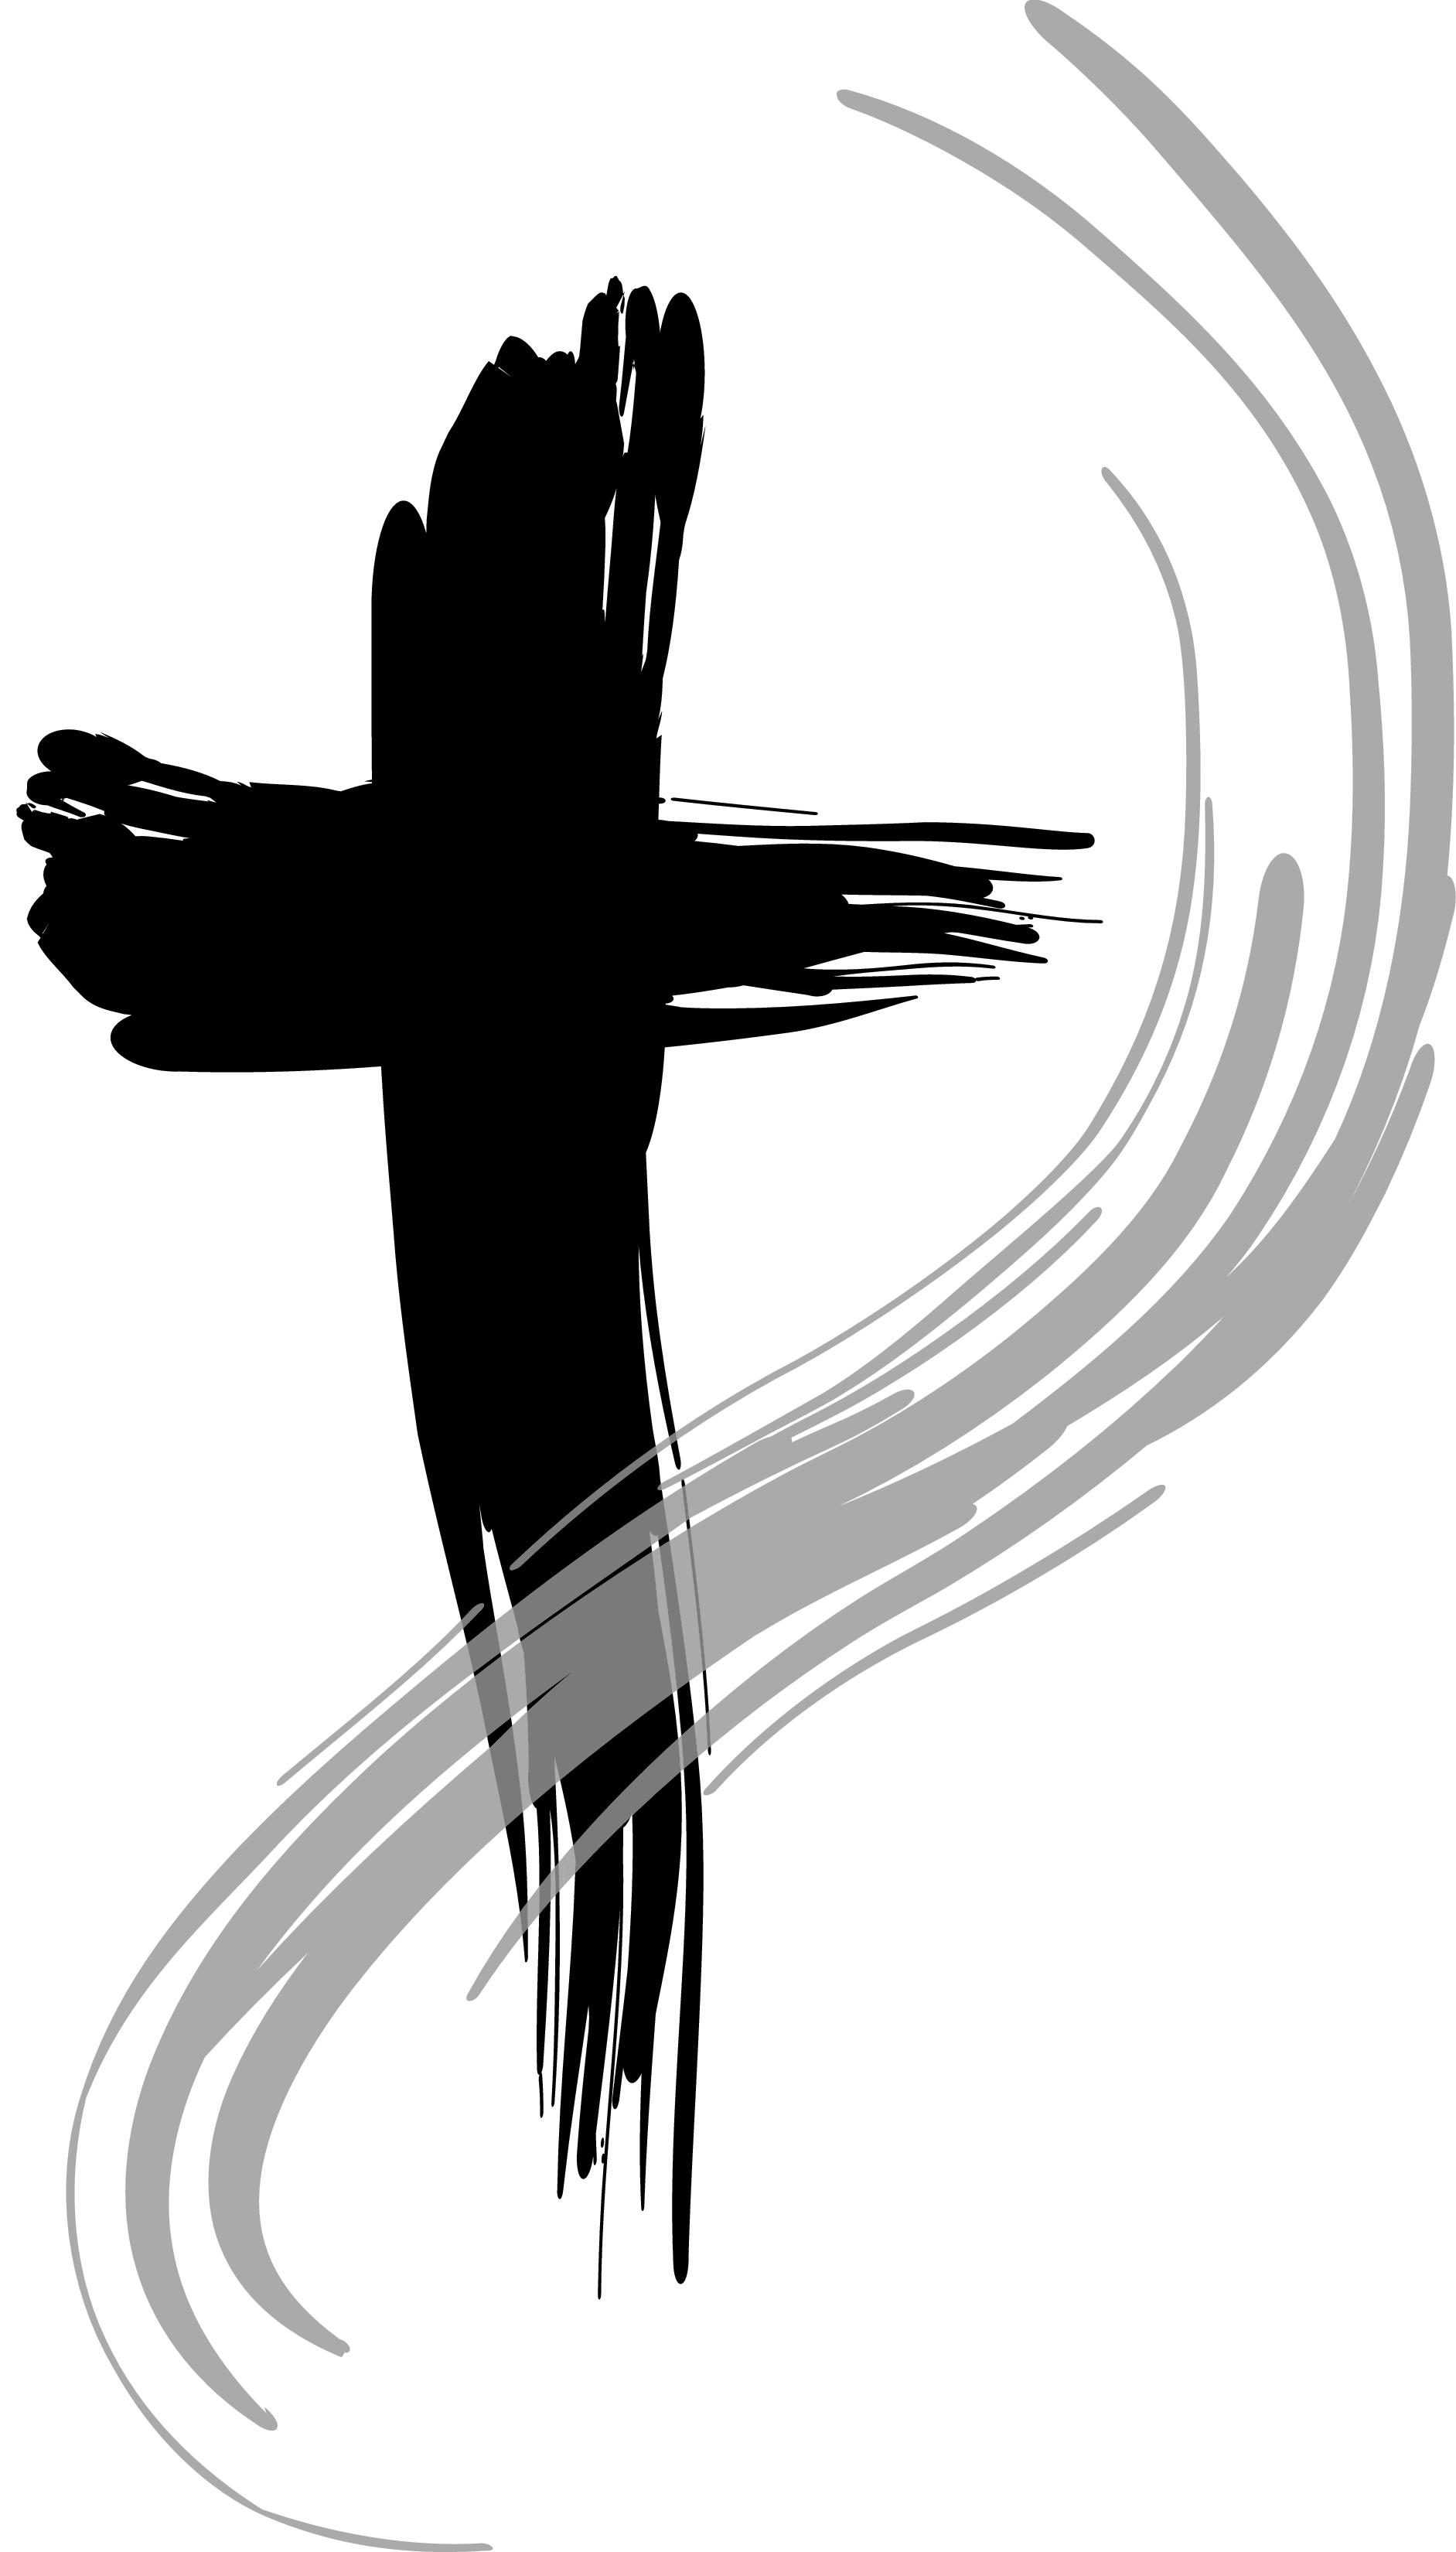 Clip art of the cross clipart image 4 clipartandscrap